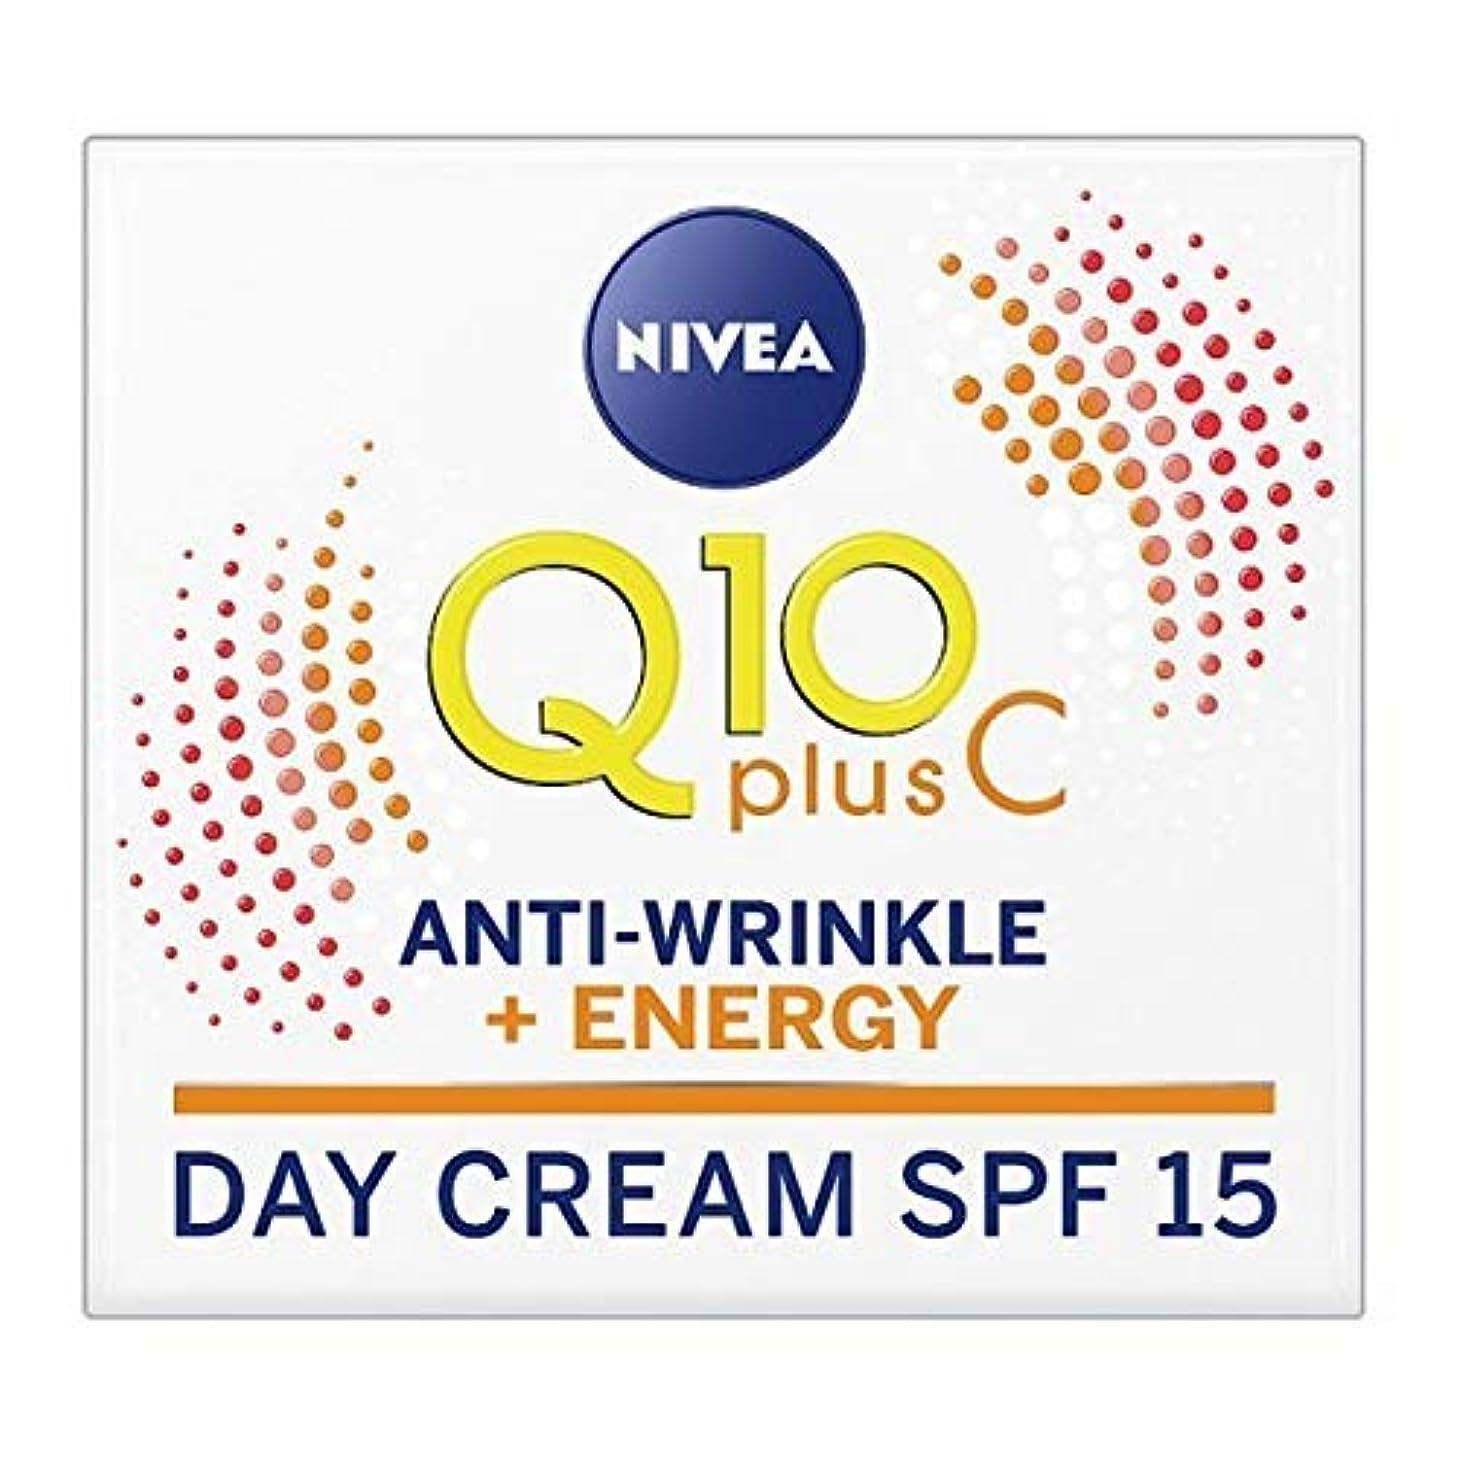 配送に慣れ直接[Nivea ] ニベアのQ10、ビタミンC抗シワエネルギーフェイスクリームSpf 15 - NIVEA Q10 Vitamin C Anti-Wrinkle Energy Face Cream SPF 15 [並行輸入品]